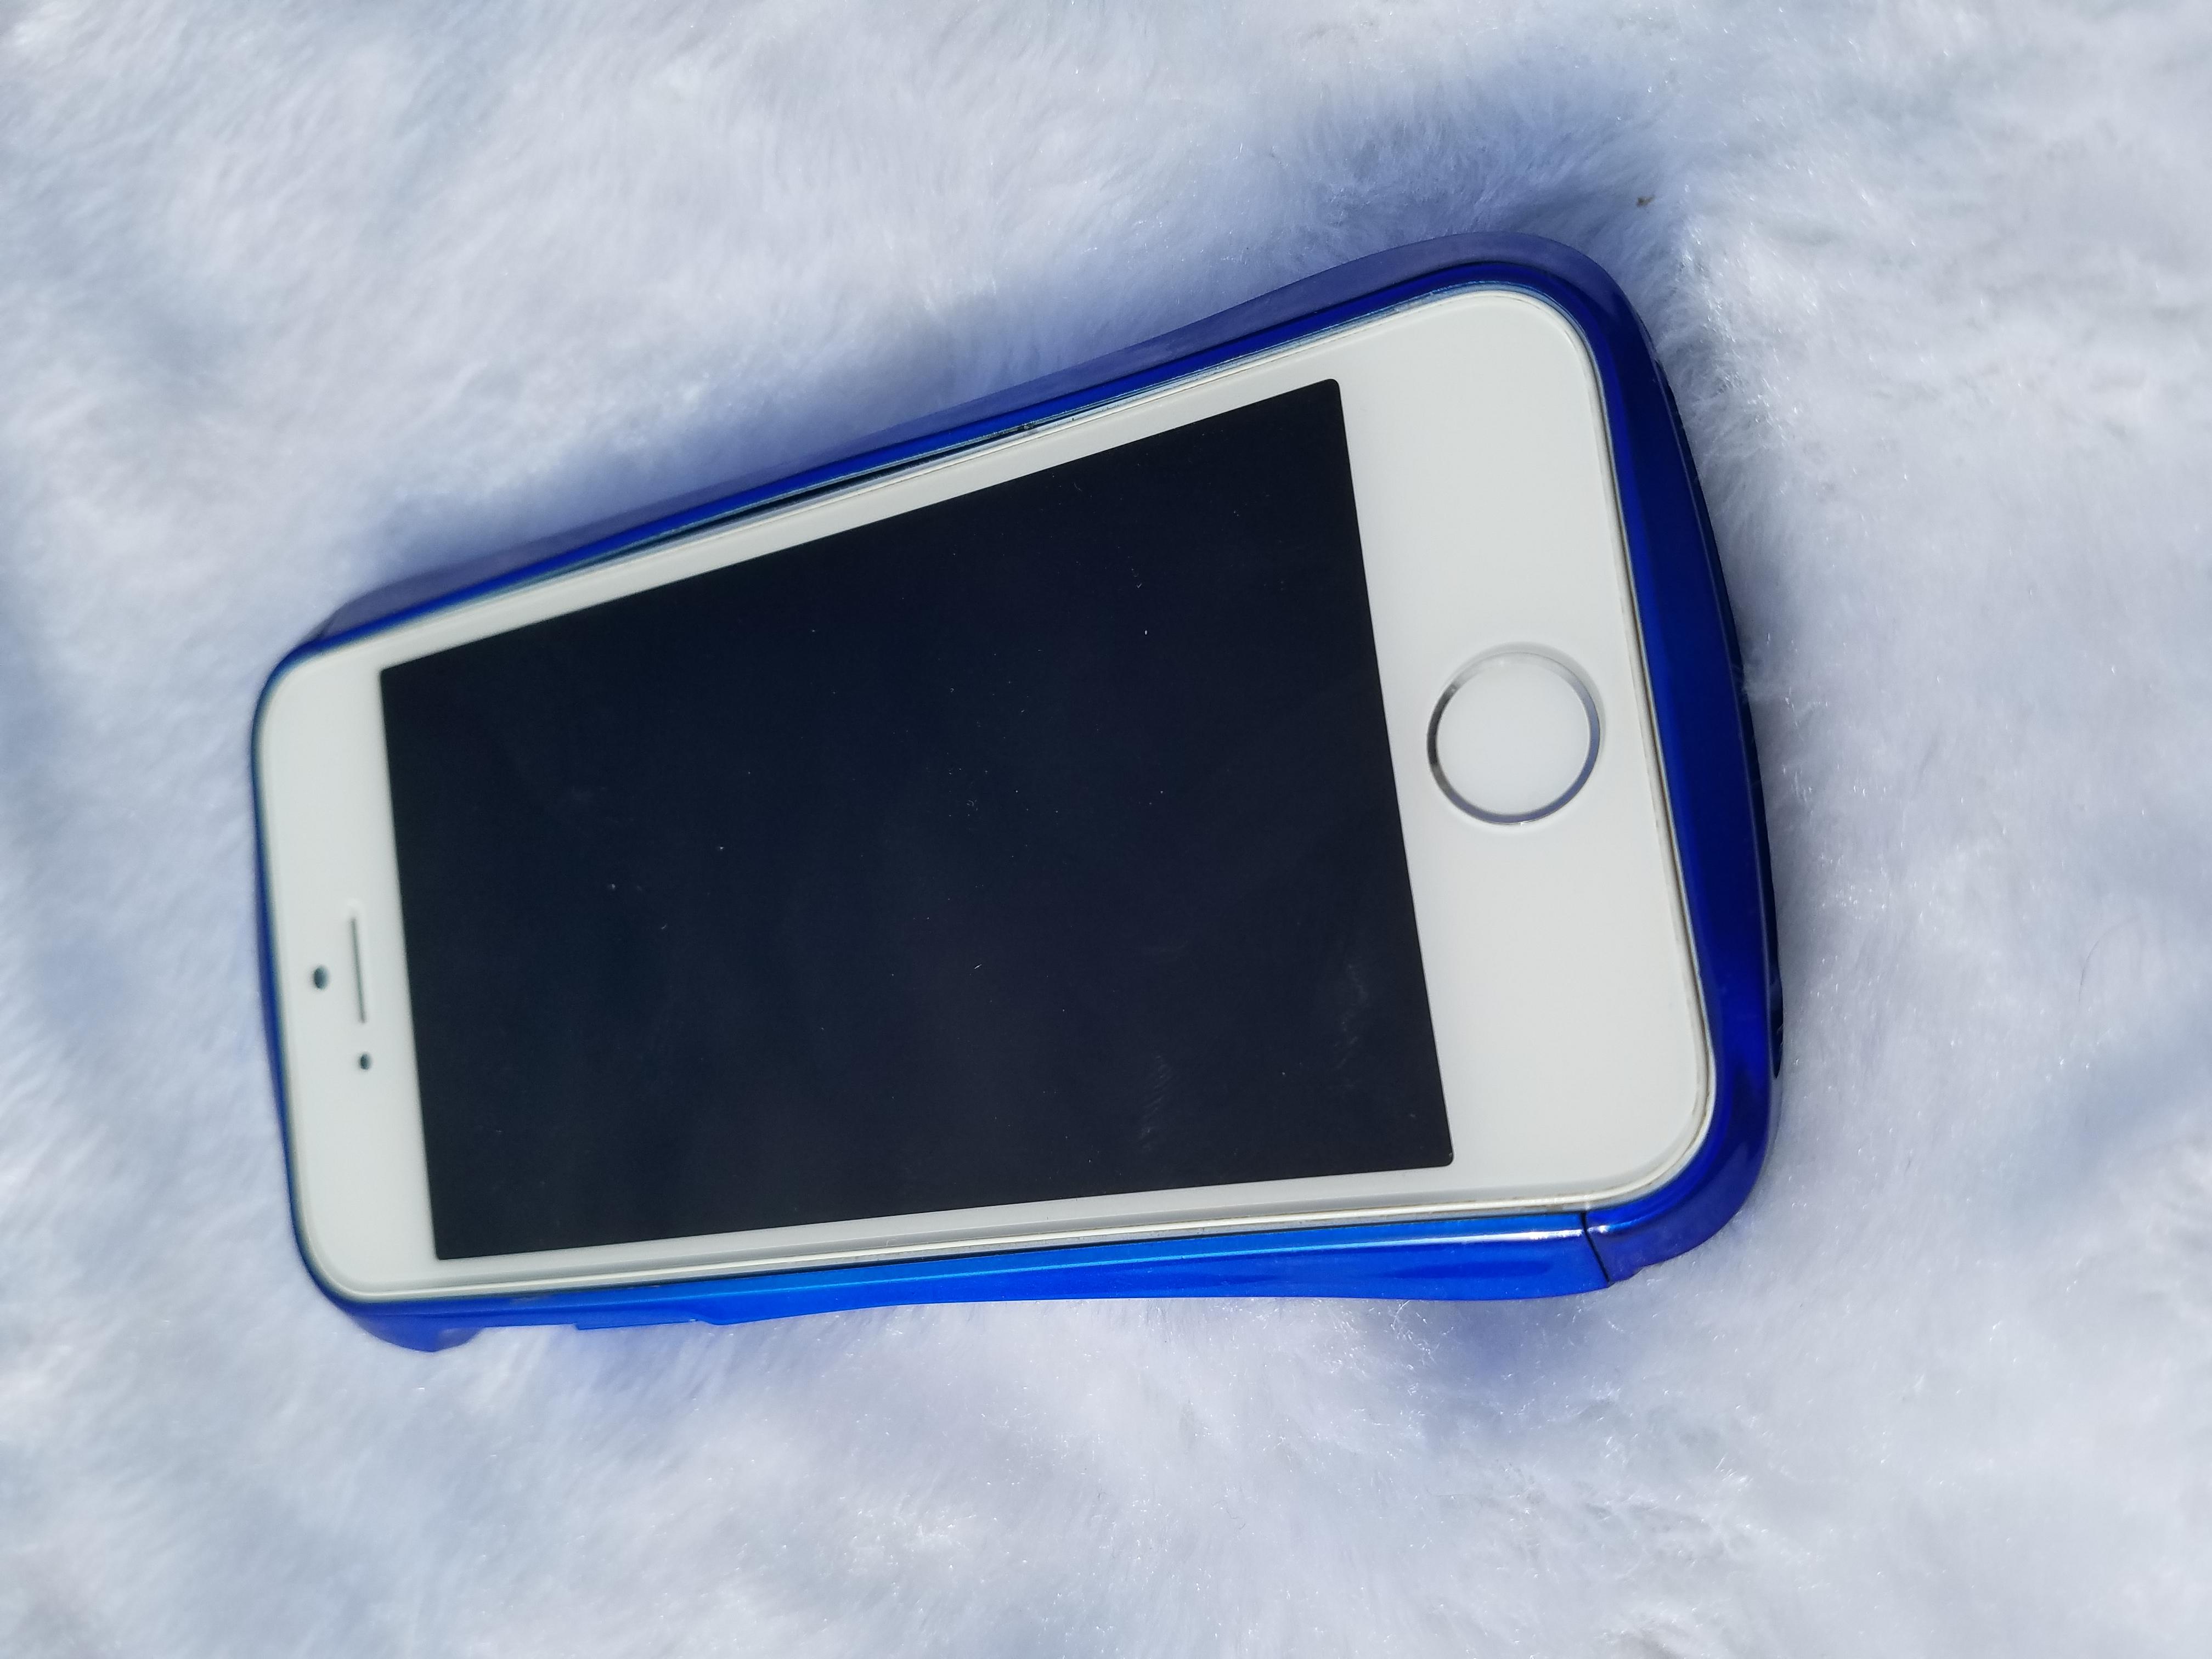 日本进口deff小蛮腰手机边框壳套iPhone5 5s se轻巧防摔